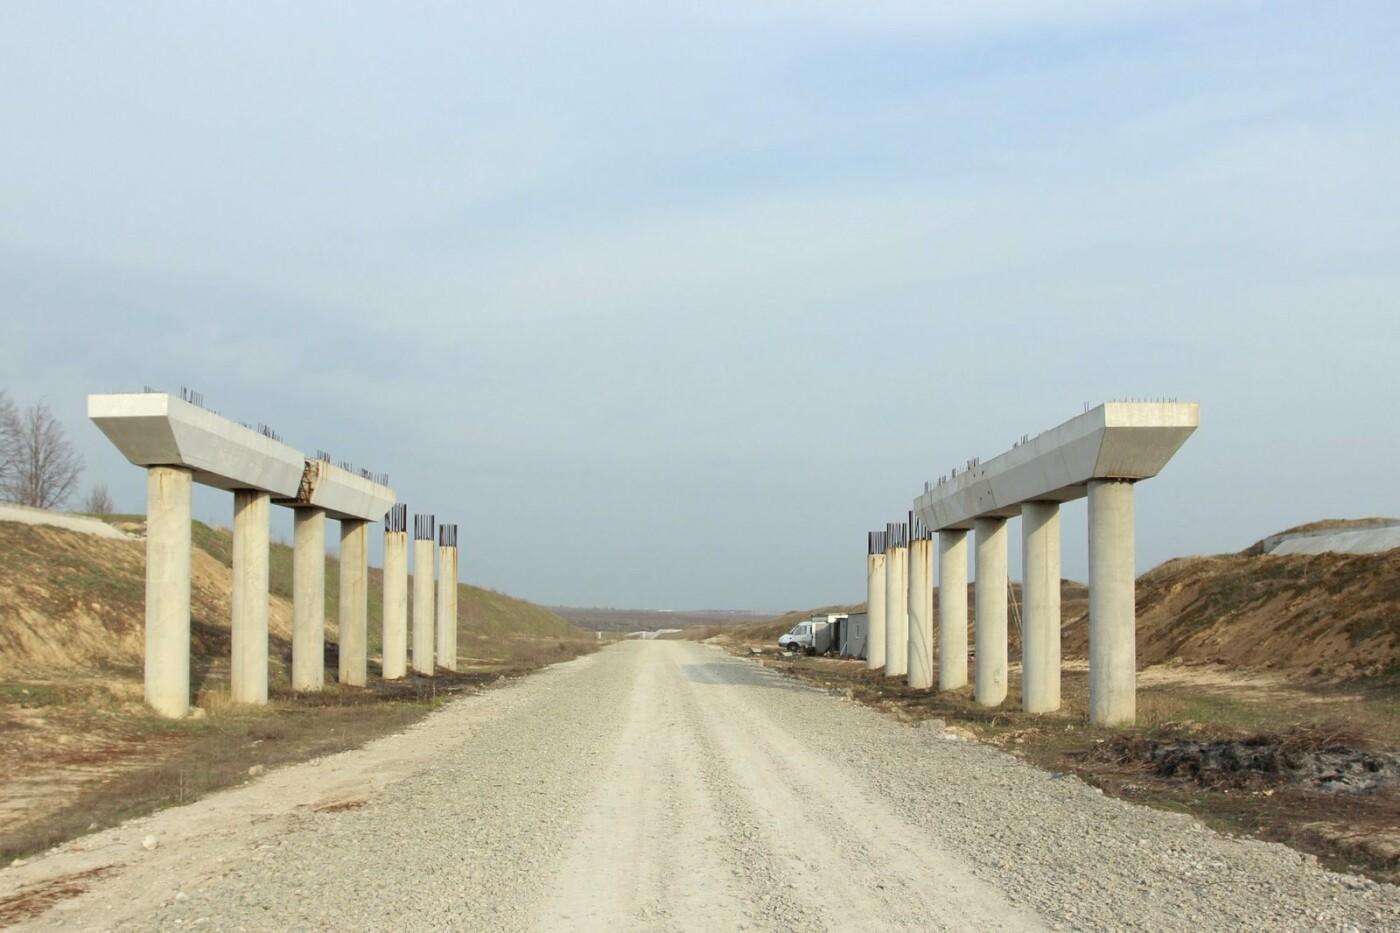 Началось строительство второй очереди объездной дороги вокруг Днепра, фото-3